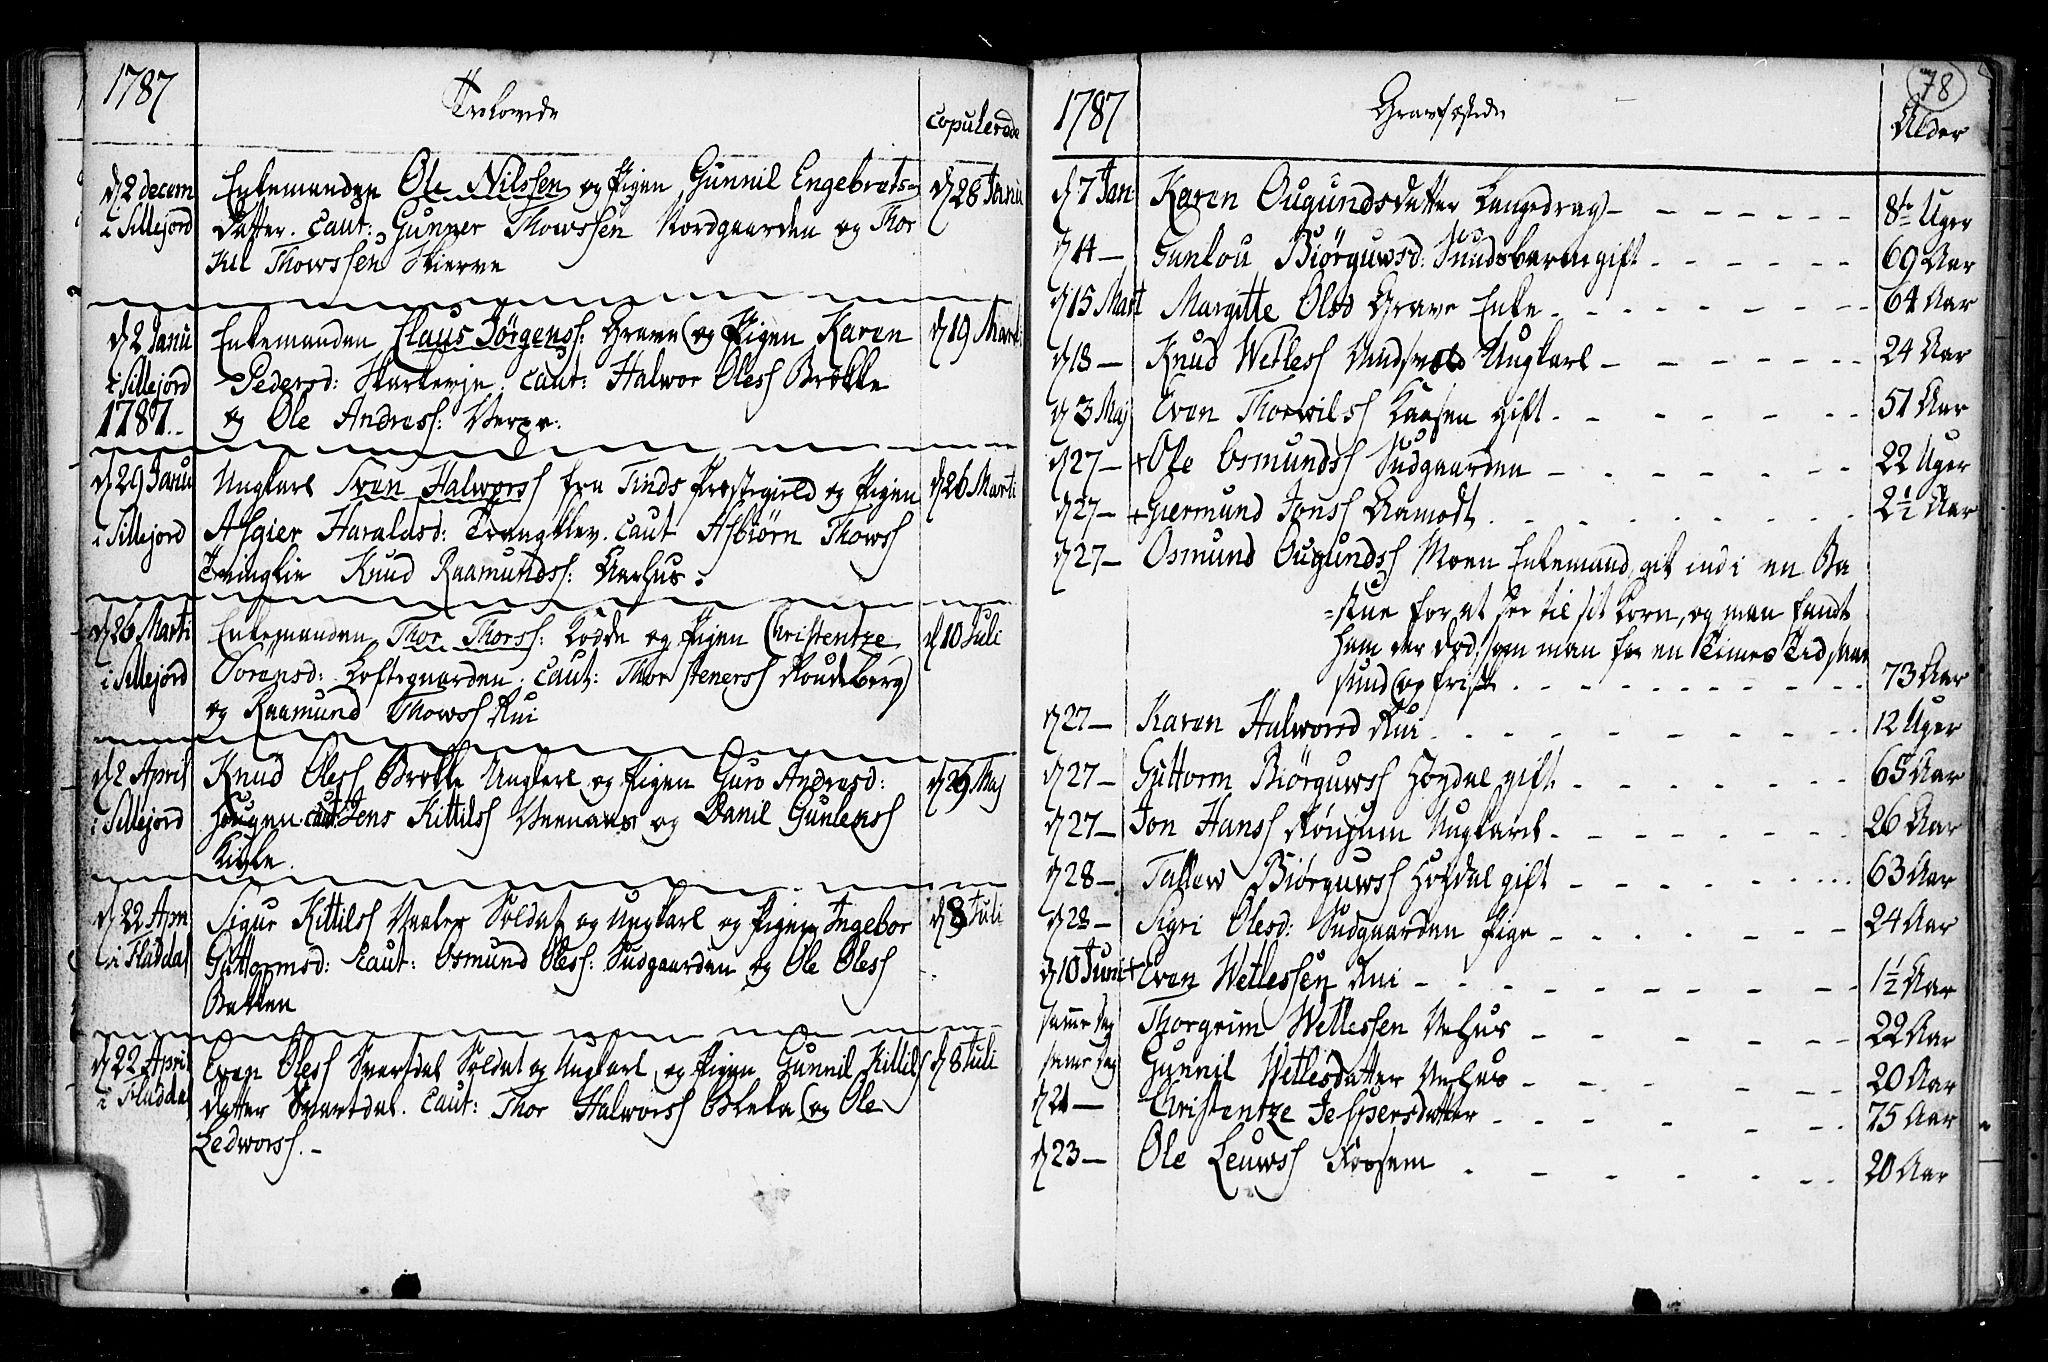 SAKO, Seljord kirkebøker, F/Fa/L0008: Ministerialbok nr. I 8, 1755-1814, s. 78